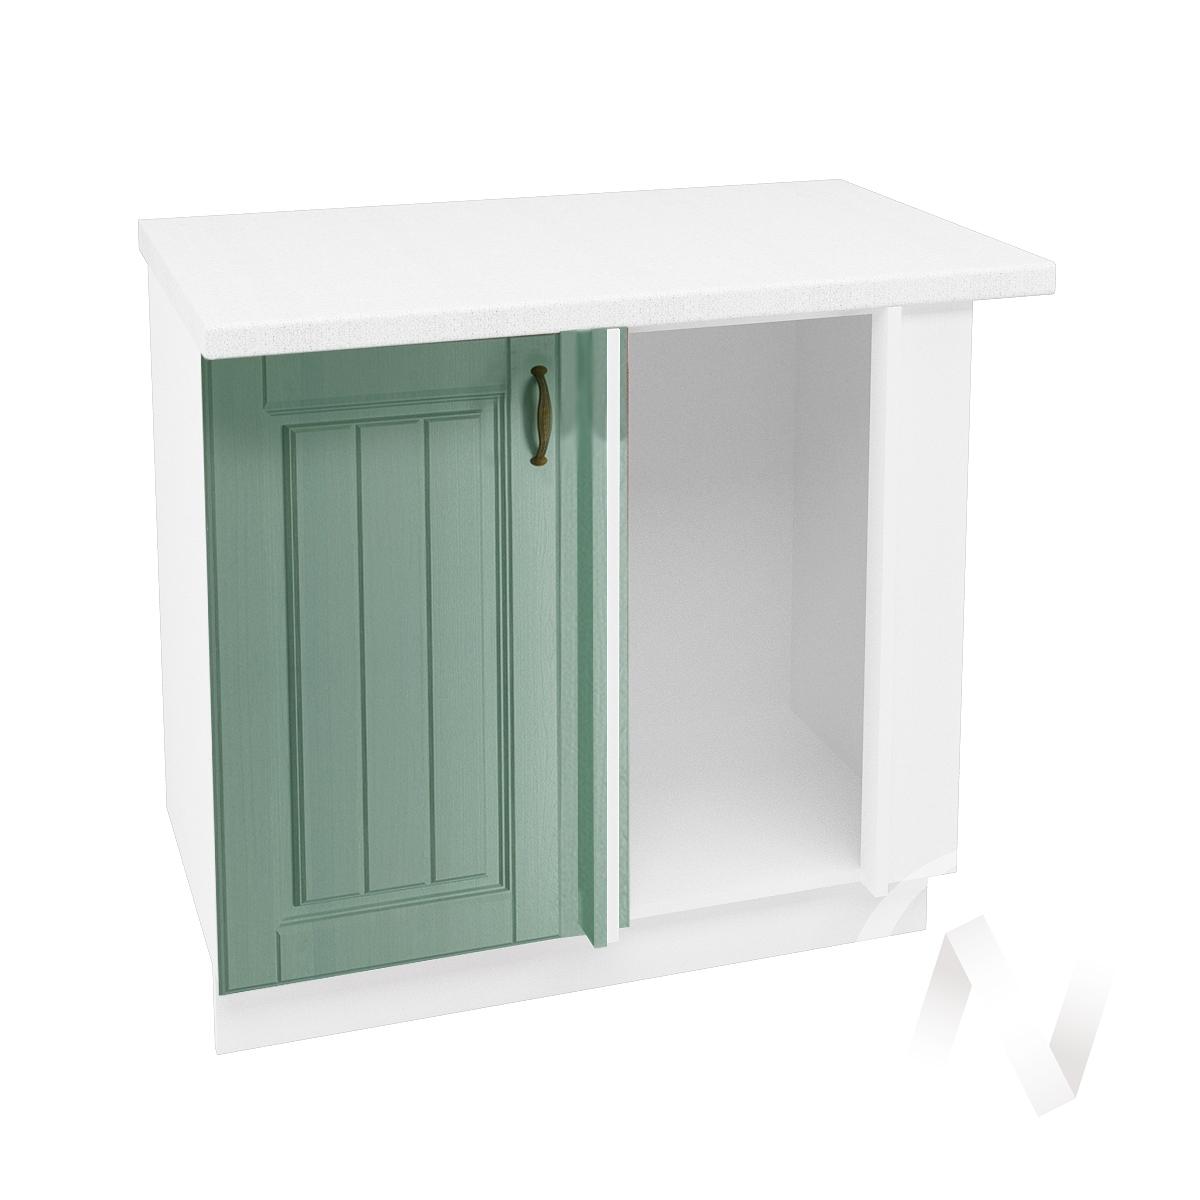 """Кухня """"Прованс"""": Шкаф нижний угловой 990, ШНУ 990 (корпус белый)"""